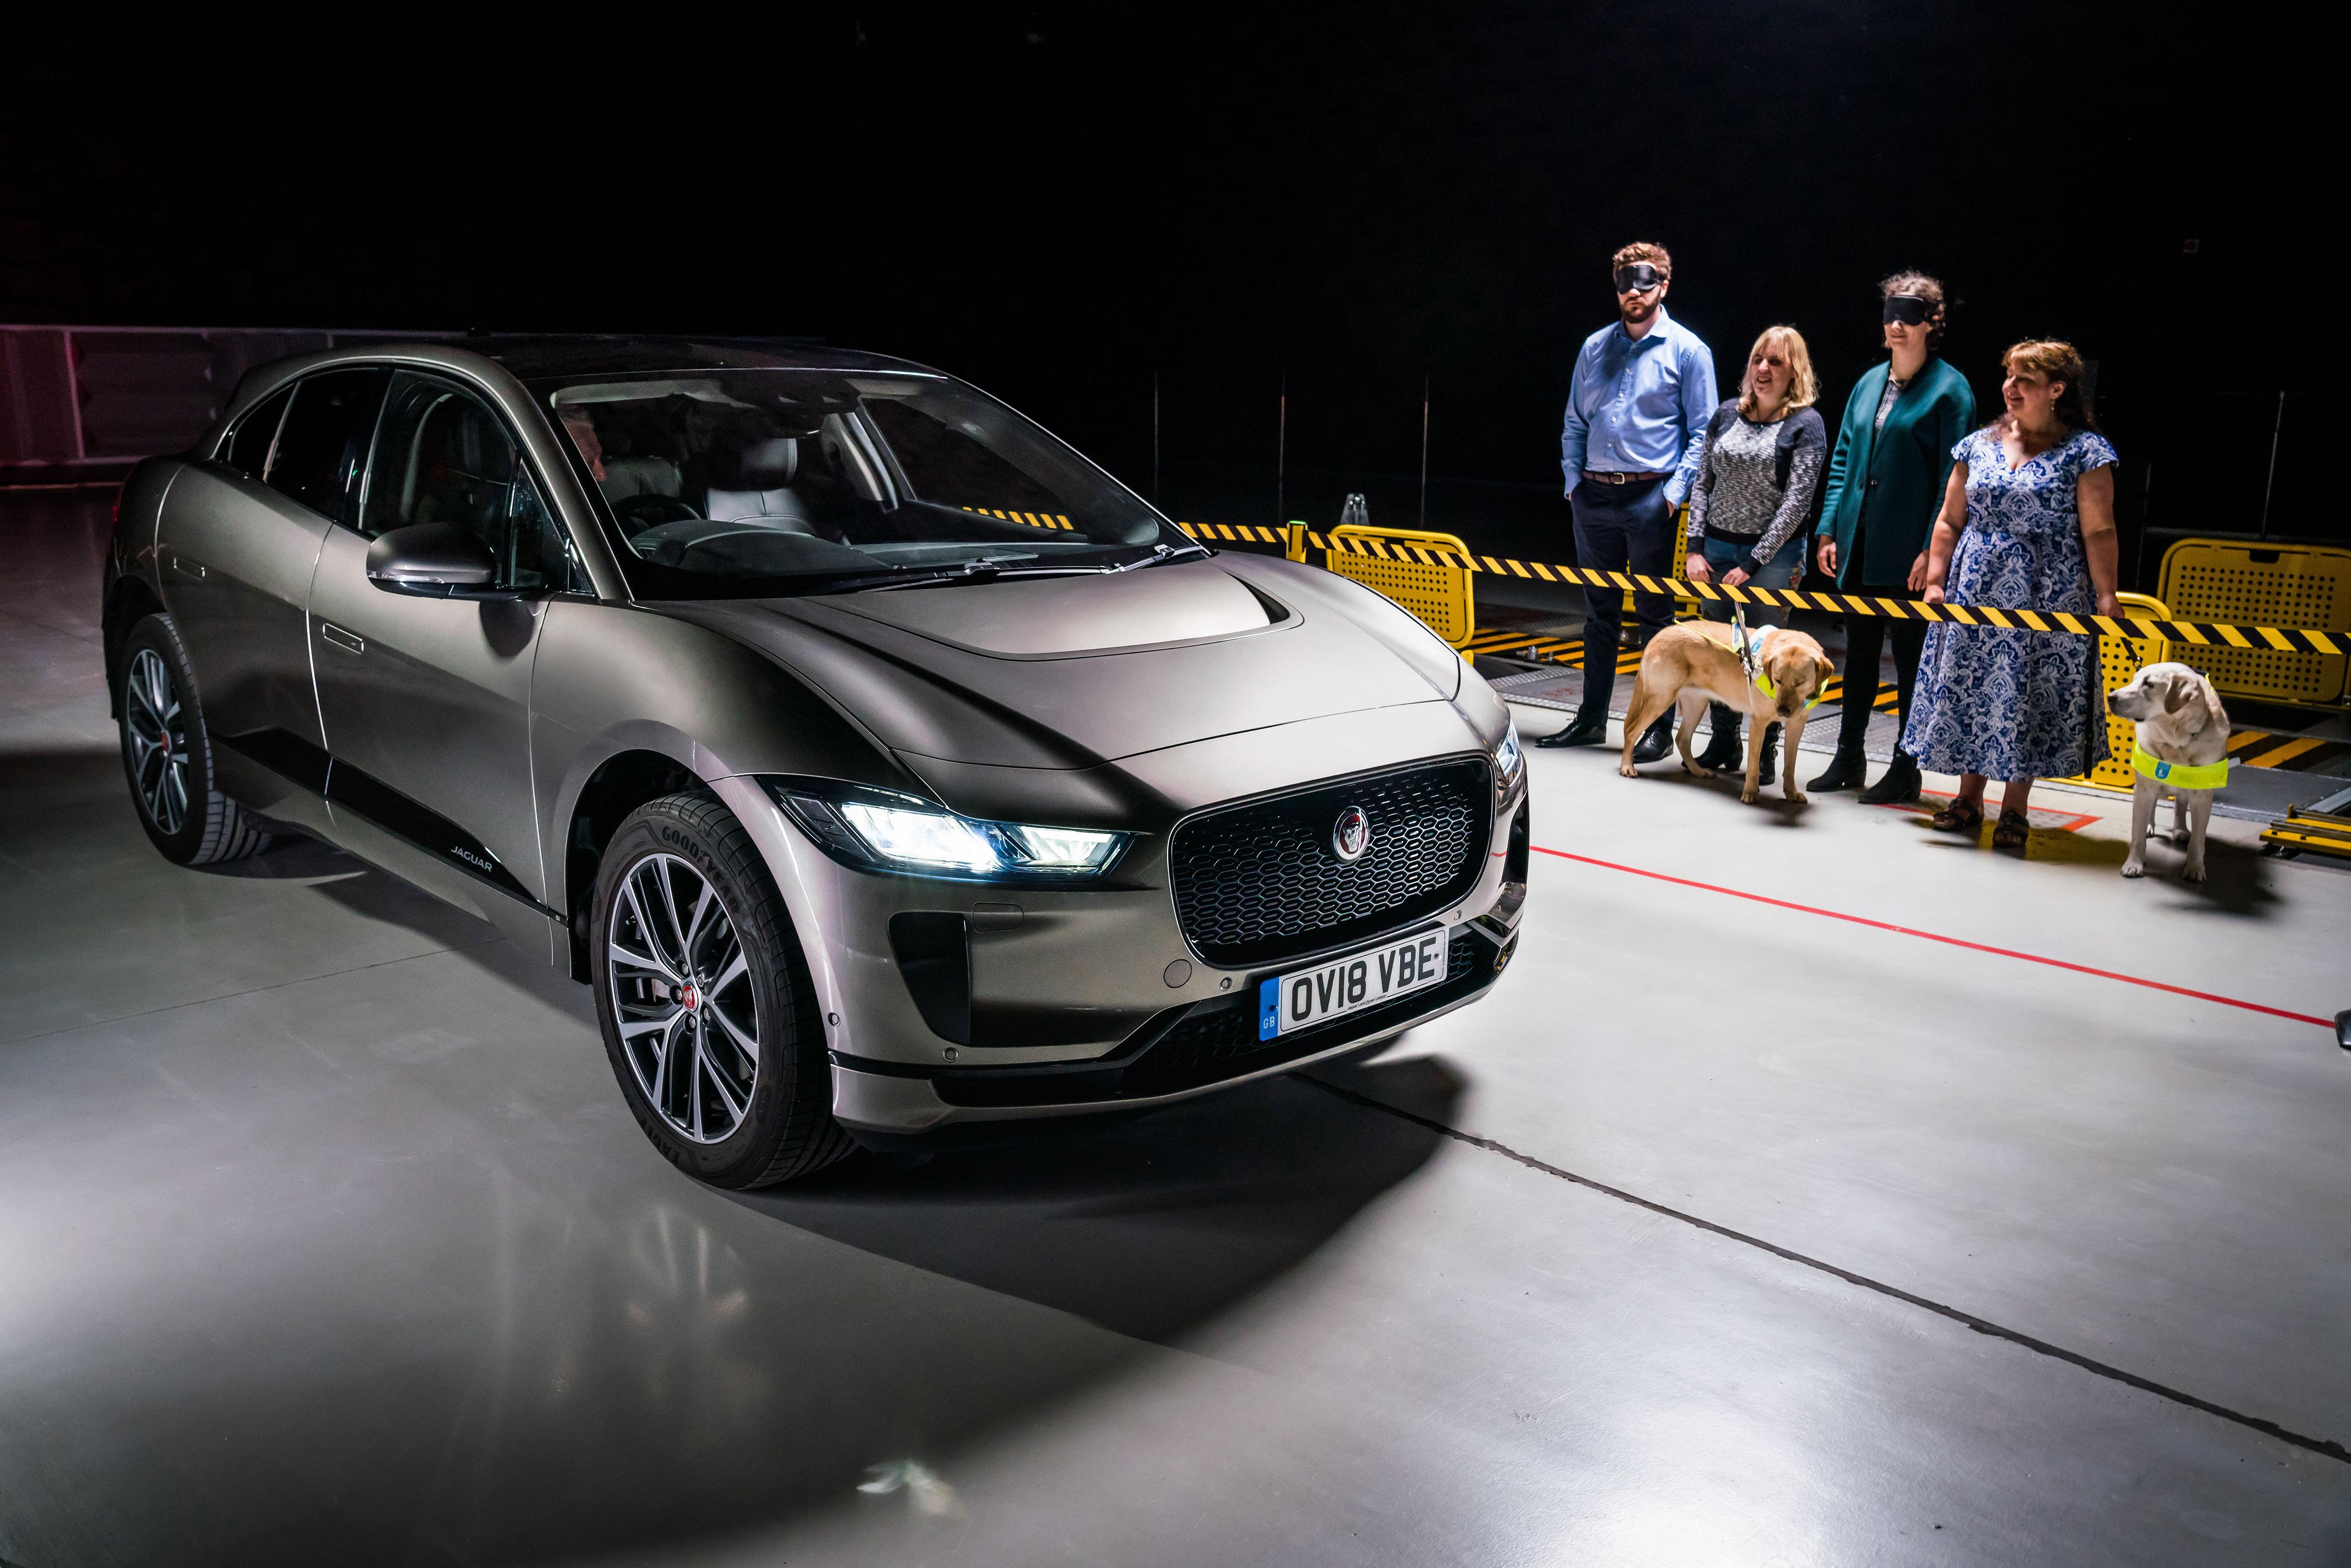 Geluid Van Jaguar I Pace Beschermt Kwetsbare Voetgangers Jaguar Cito